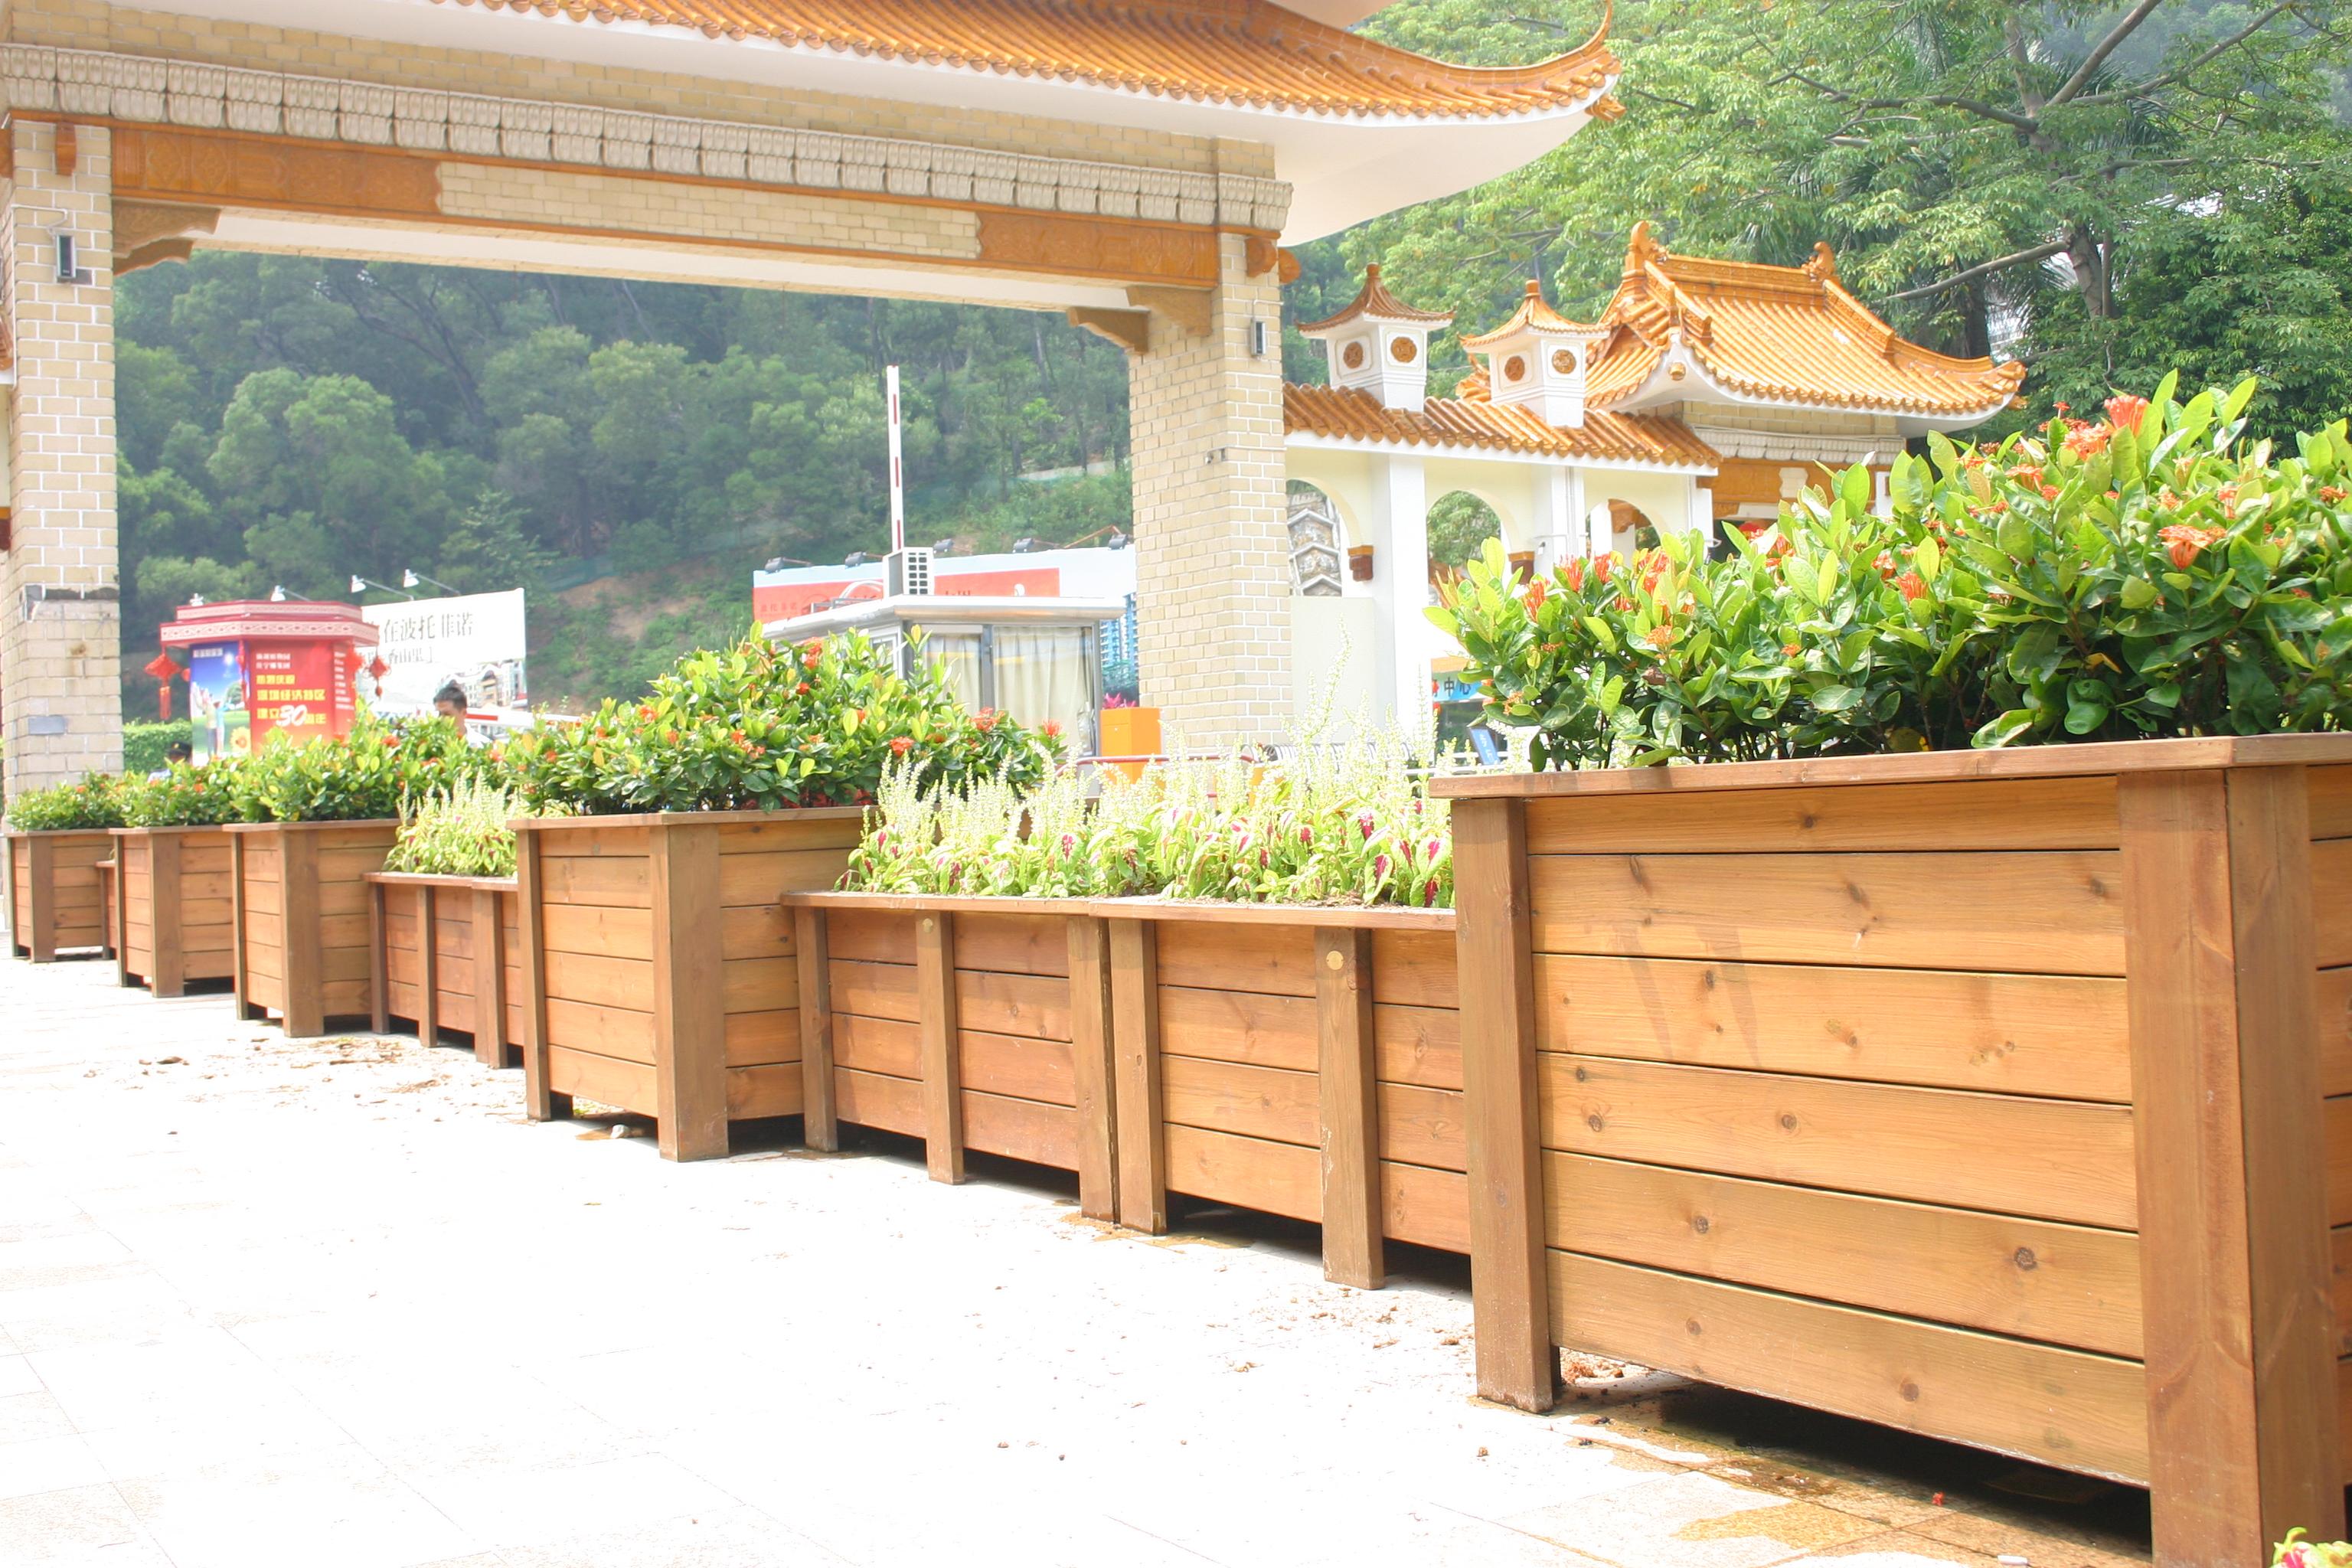 深圳欣天丽公司官方网站,天丽园林,别墅花园设计,芬兰